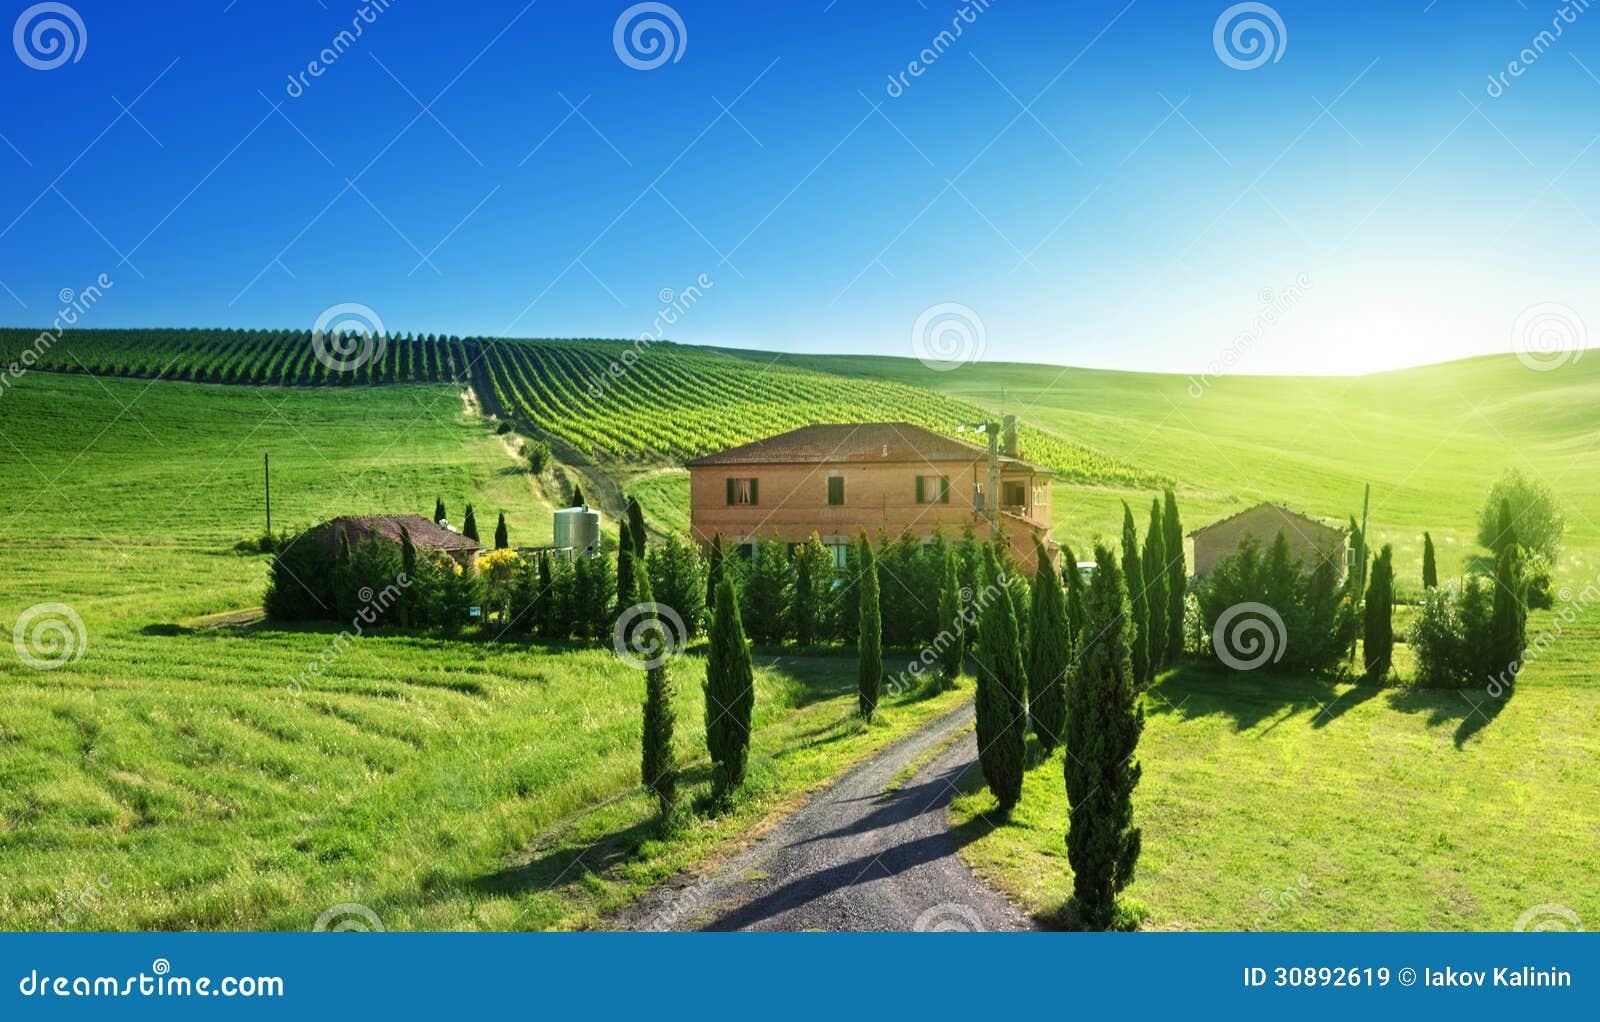 Paesaggio della toscana con la casa tipica dell 39 azienda for Casa classica toscana srl